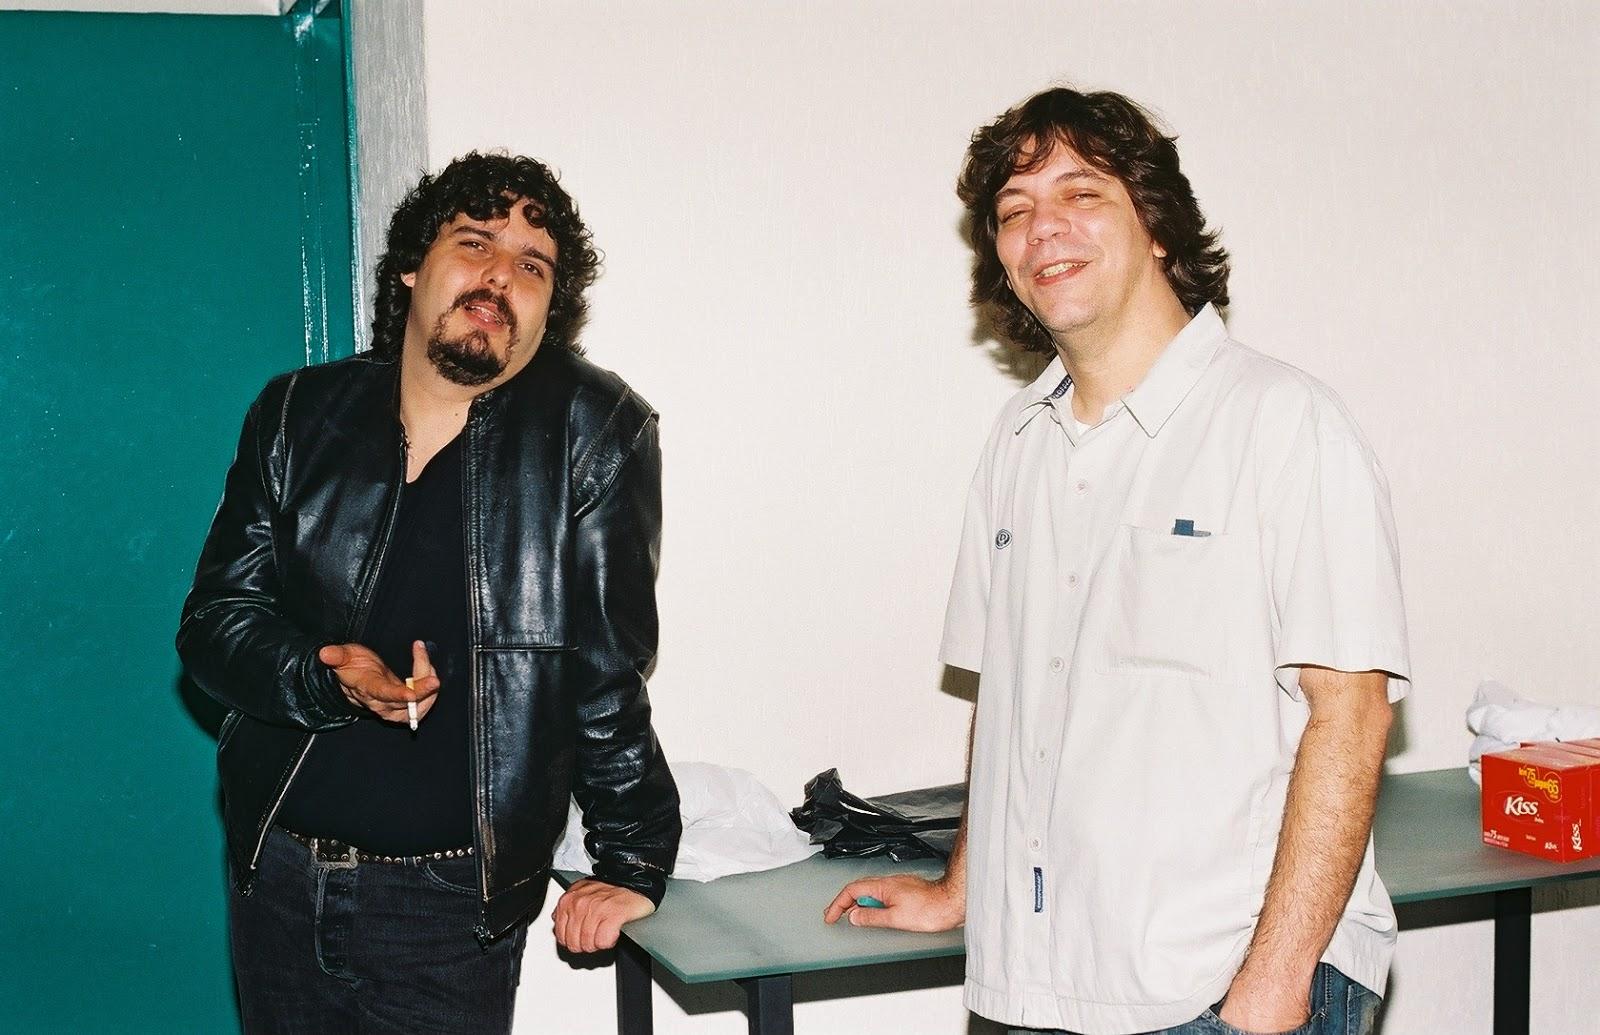 Eduardo Xocante à direita, ao lado de Xando Zupo (esquerda). Dia da  filmagem do Clip